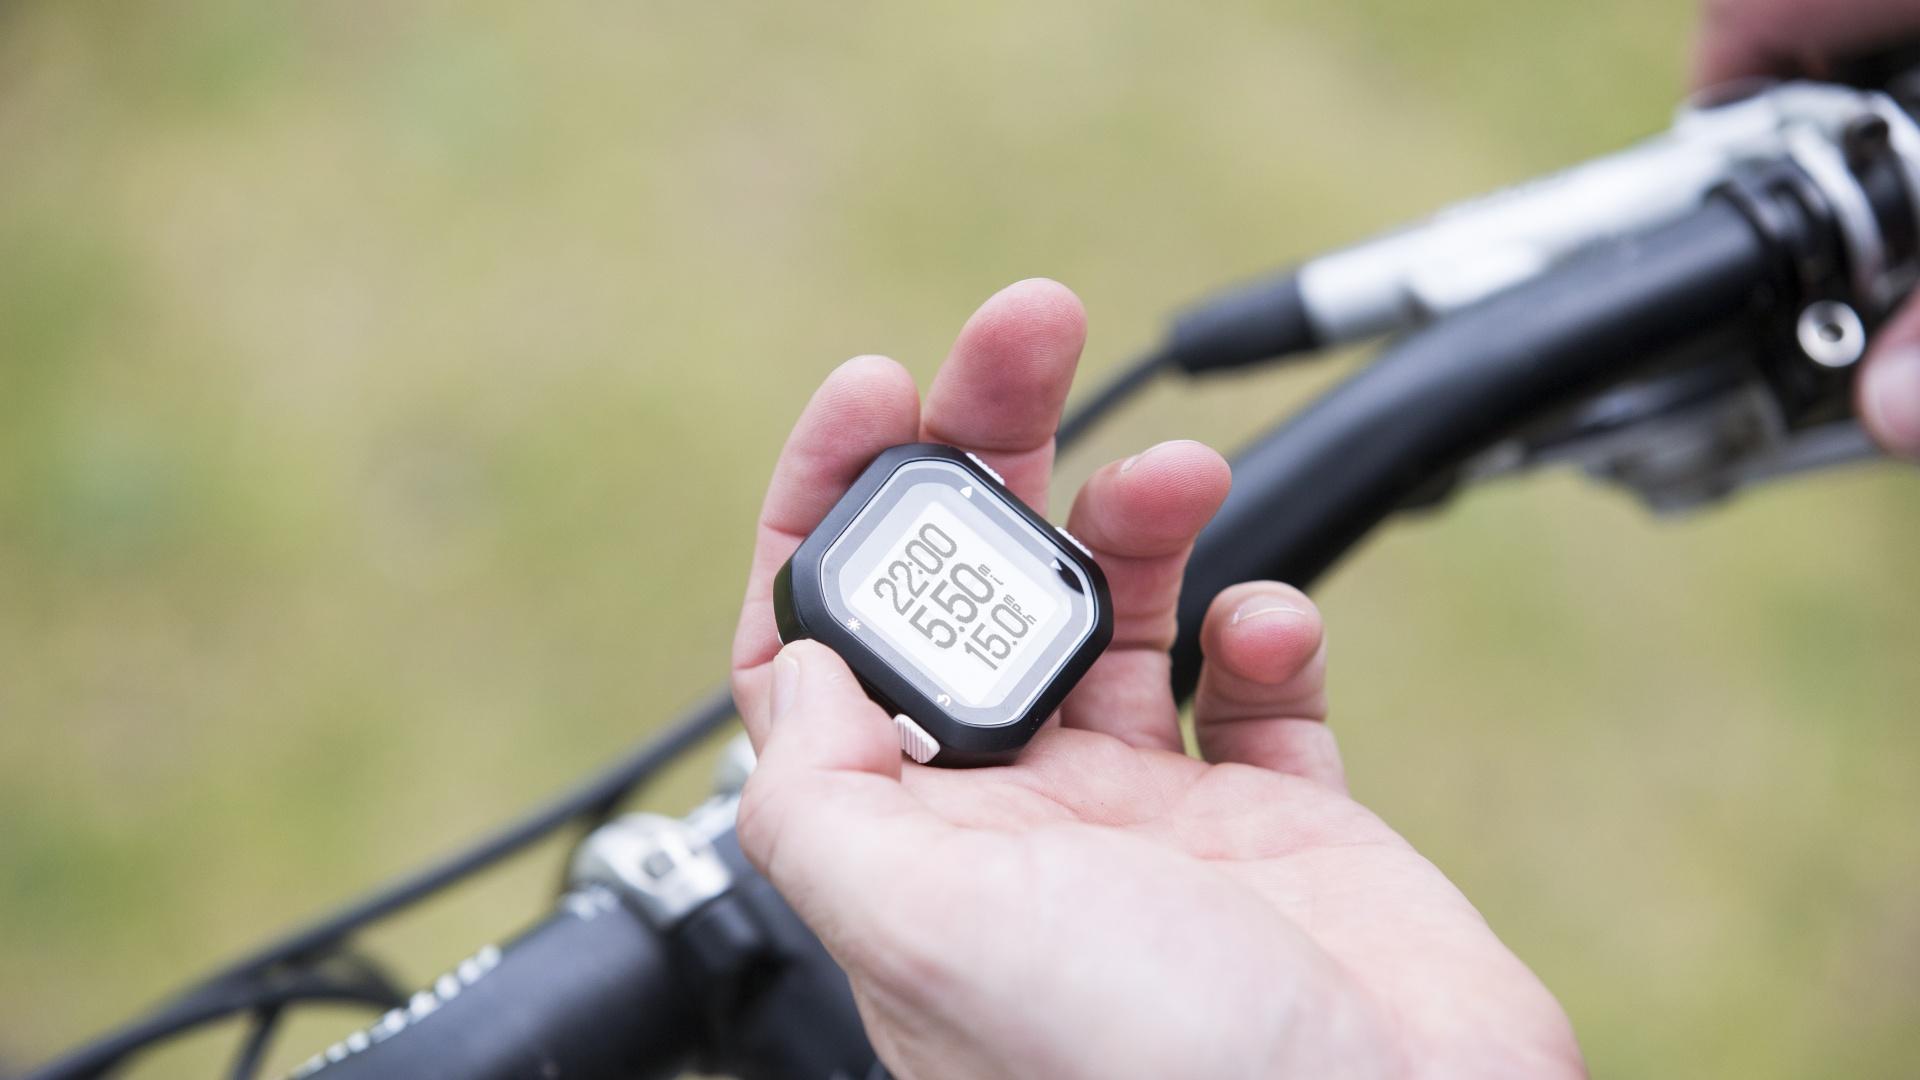 自転車初心者におすすめなサイクルコンピューターの選び方